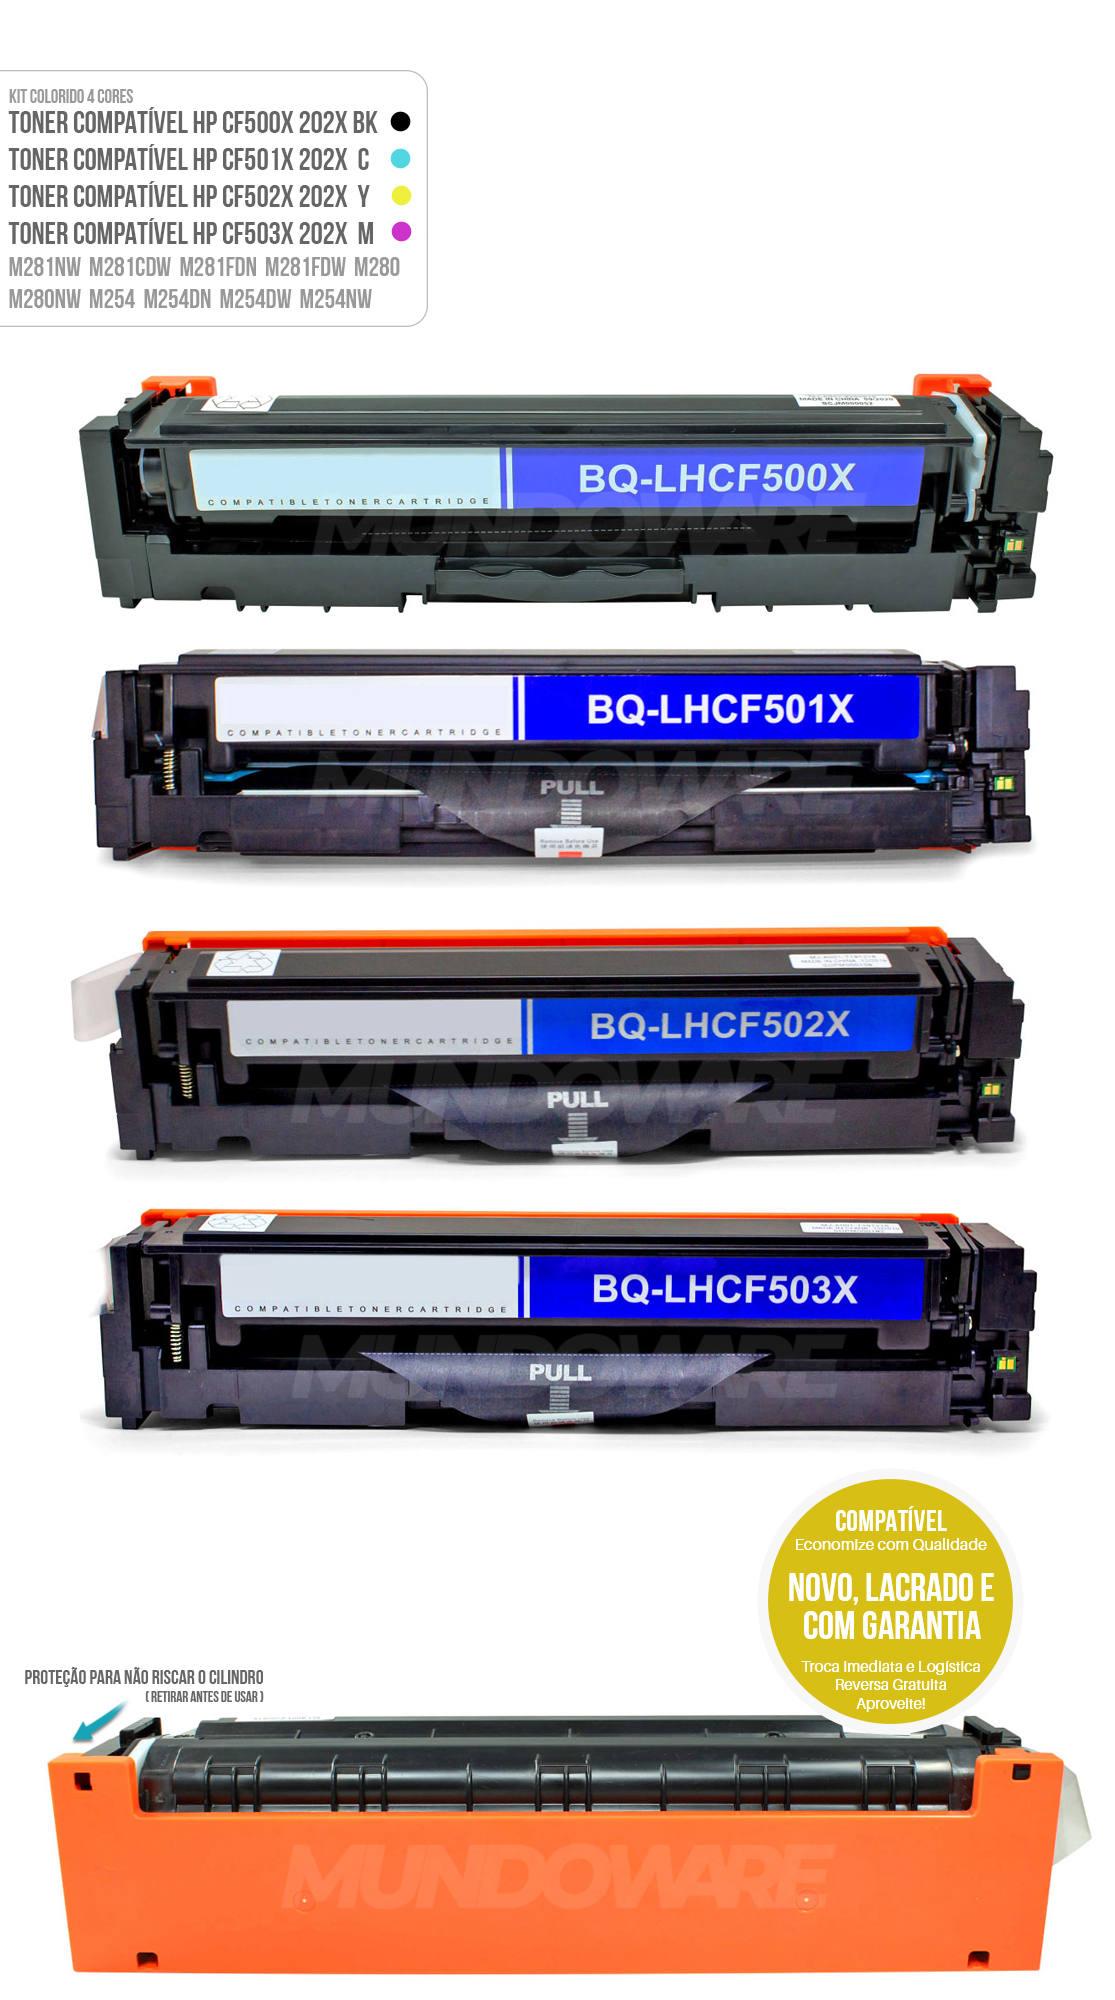 Kit Colorido de Toner compatível com CF500X CF501X CF502X CF503X 202X para impressora HP M281 M281nw M281cdw M281fdn M281fdw M280 M280nw M254 M254dn M254dw M254nw Tonner